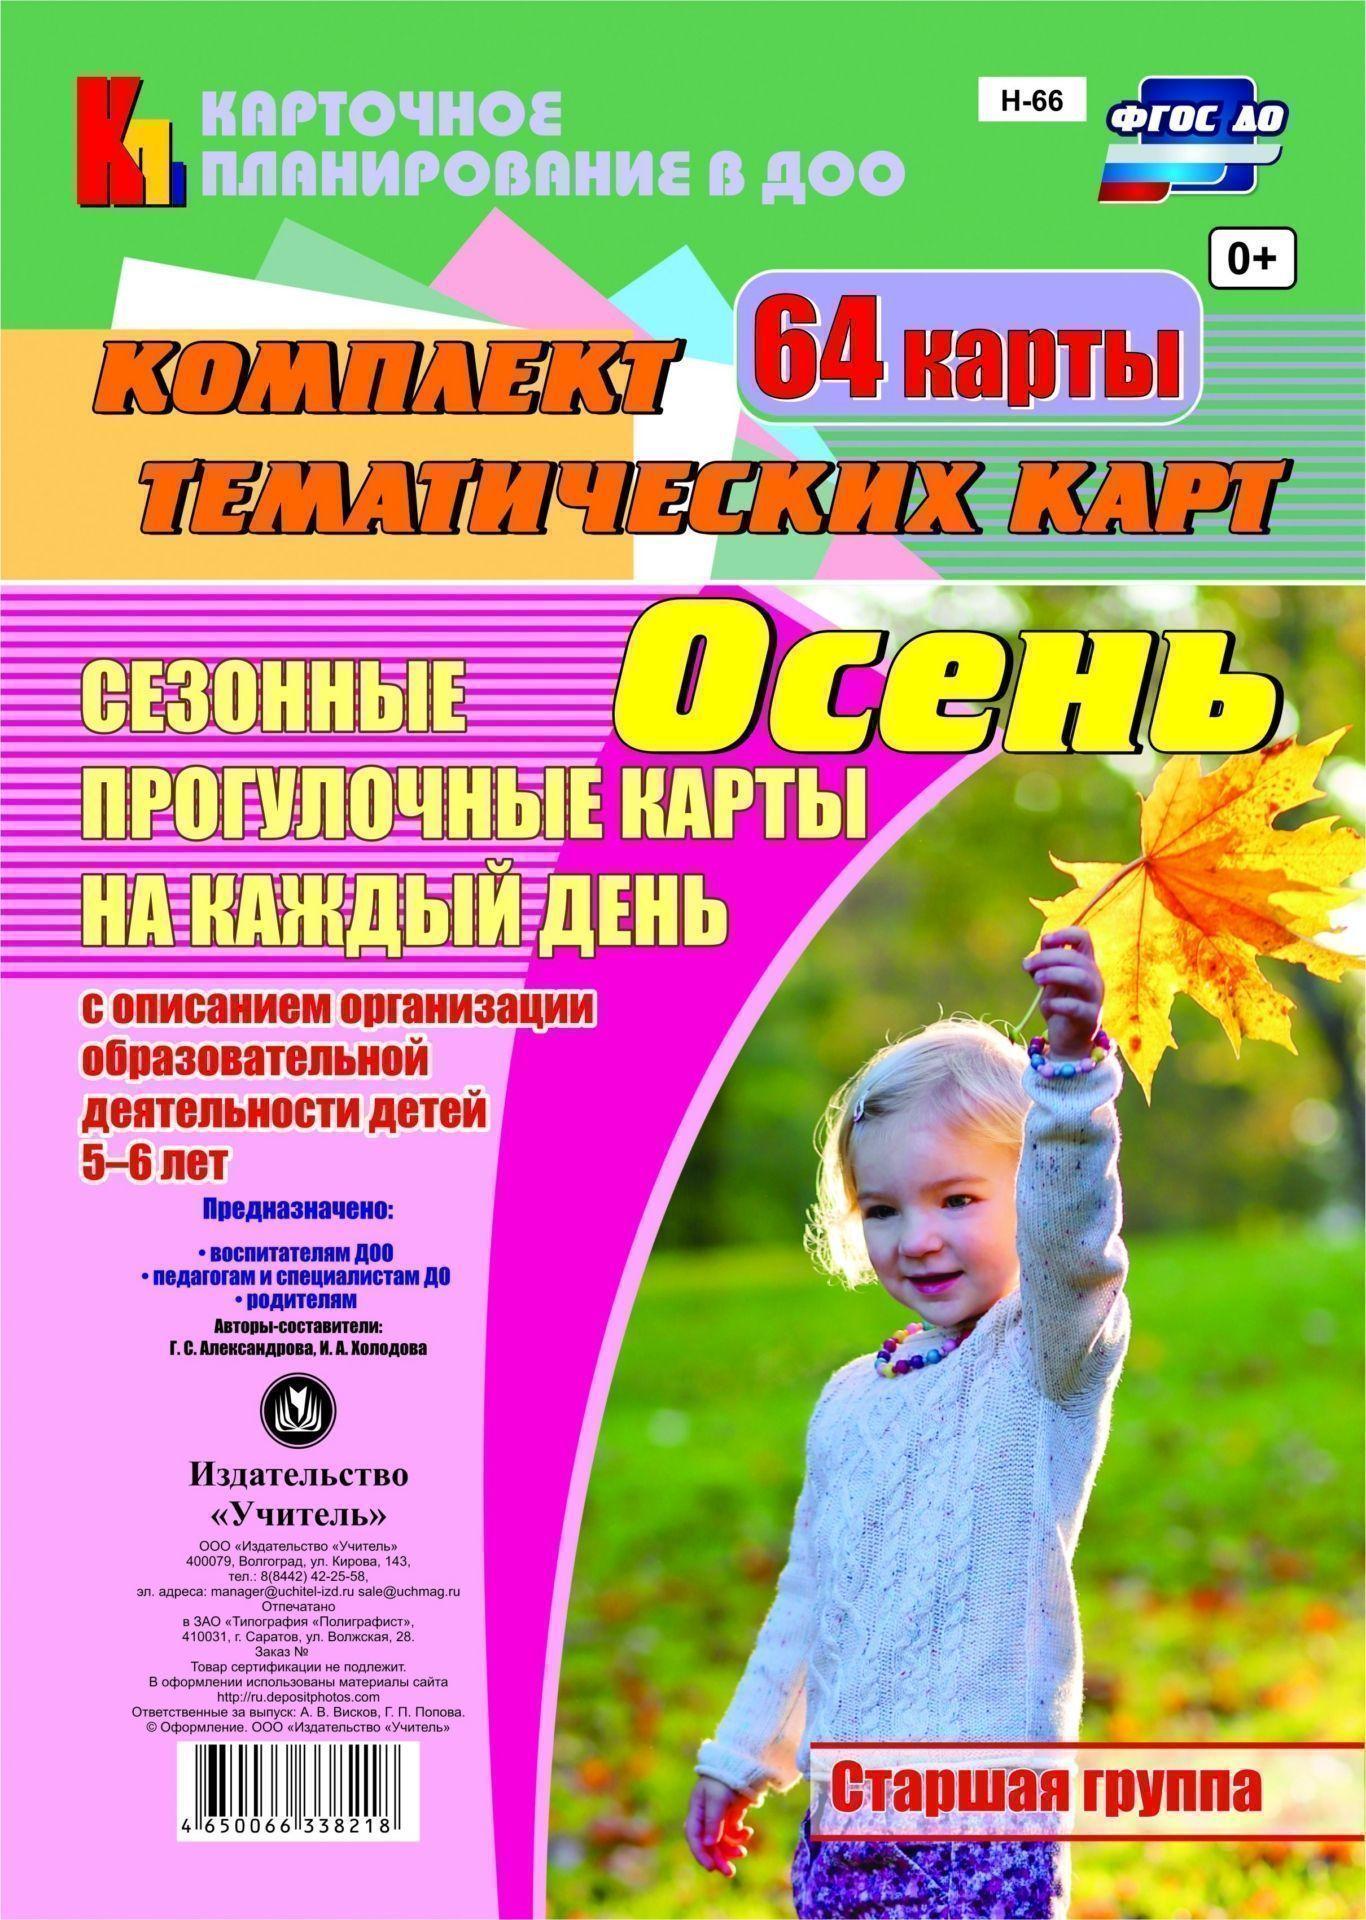 Сезонные прогулочные карты на каждый день с описанием организации образовательной деятельности детей. Осень. Старшая группа: комплект из 64 тематических карт